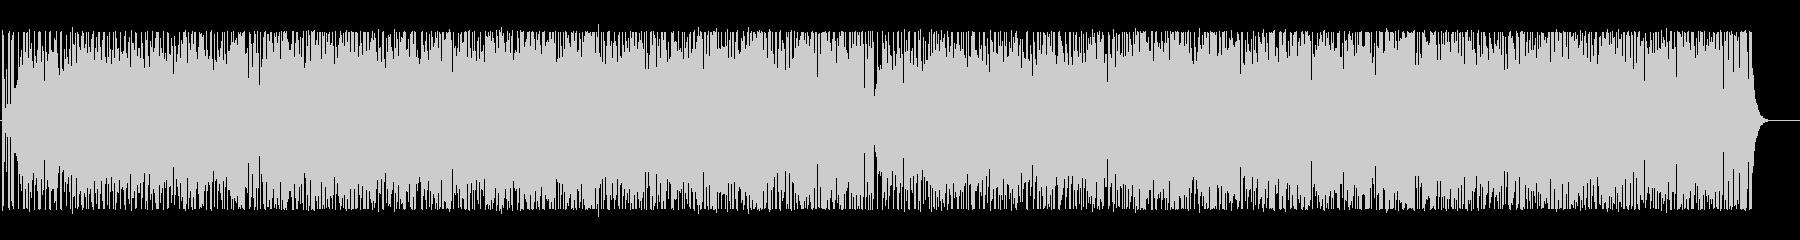 軽快なラテン調のBGMの未再生の波形